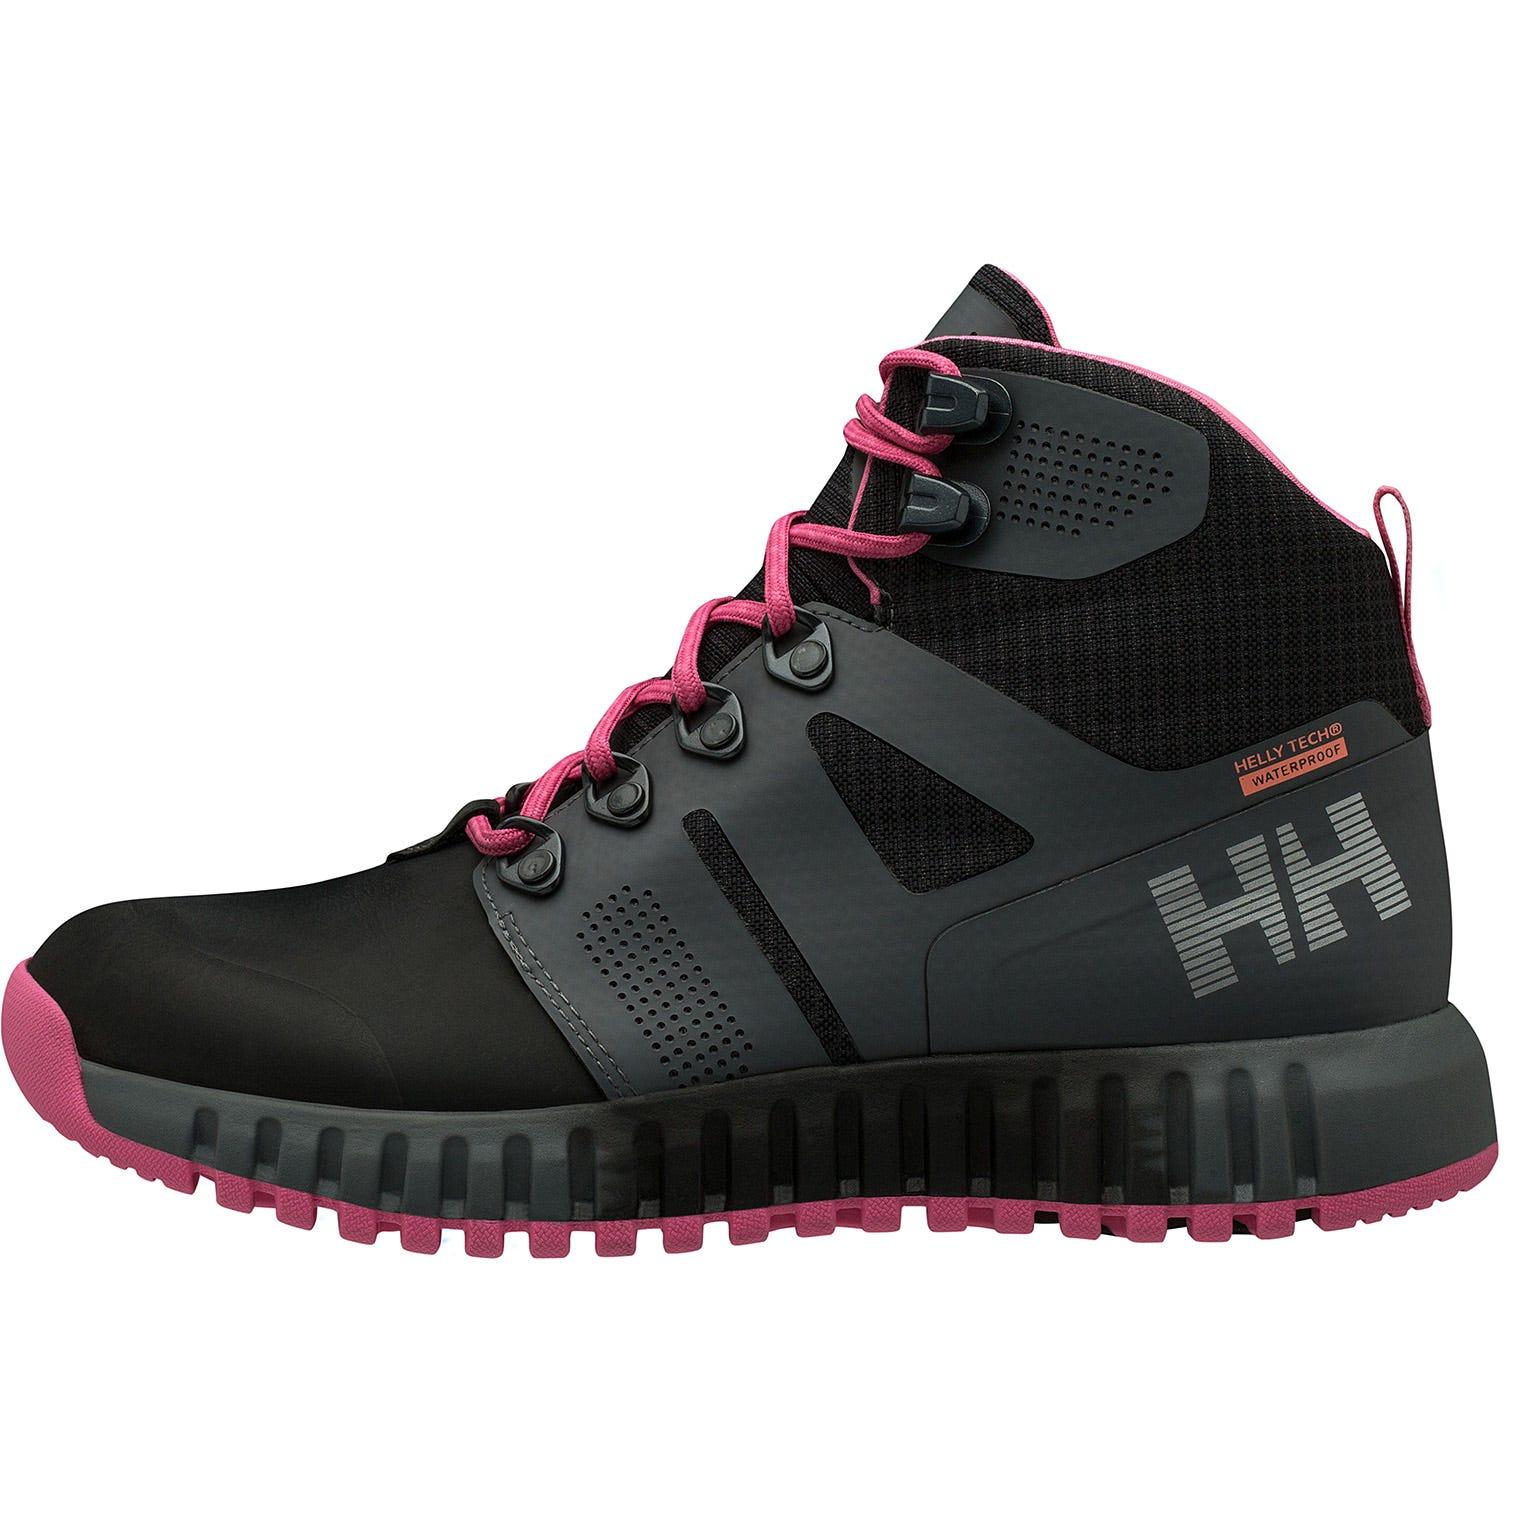 Helly Hansen W Vanir Gallivant Ht Womens Hiking Boot Black 38/7